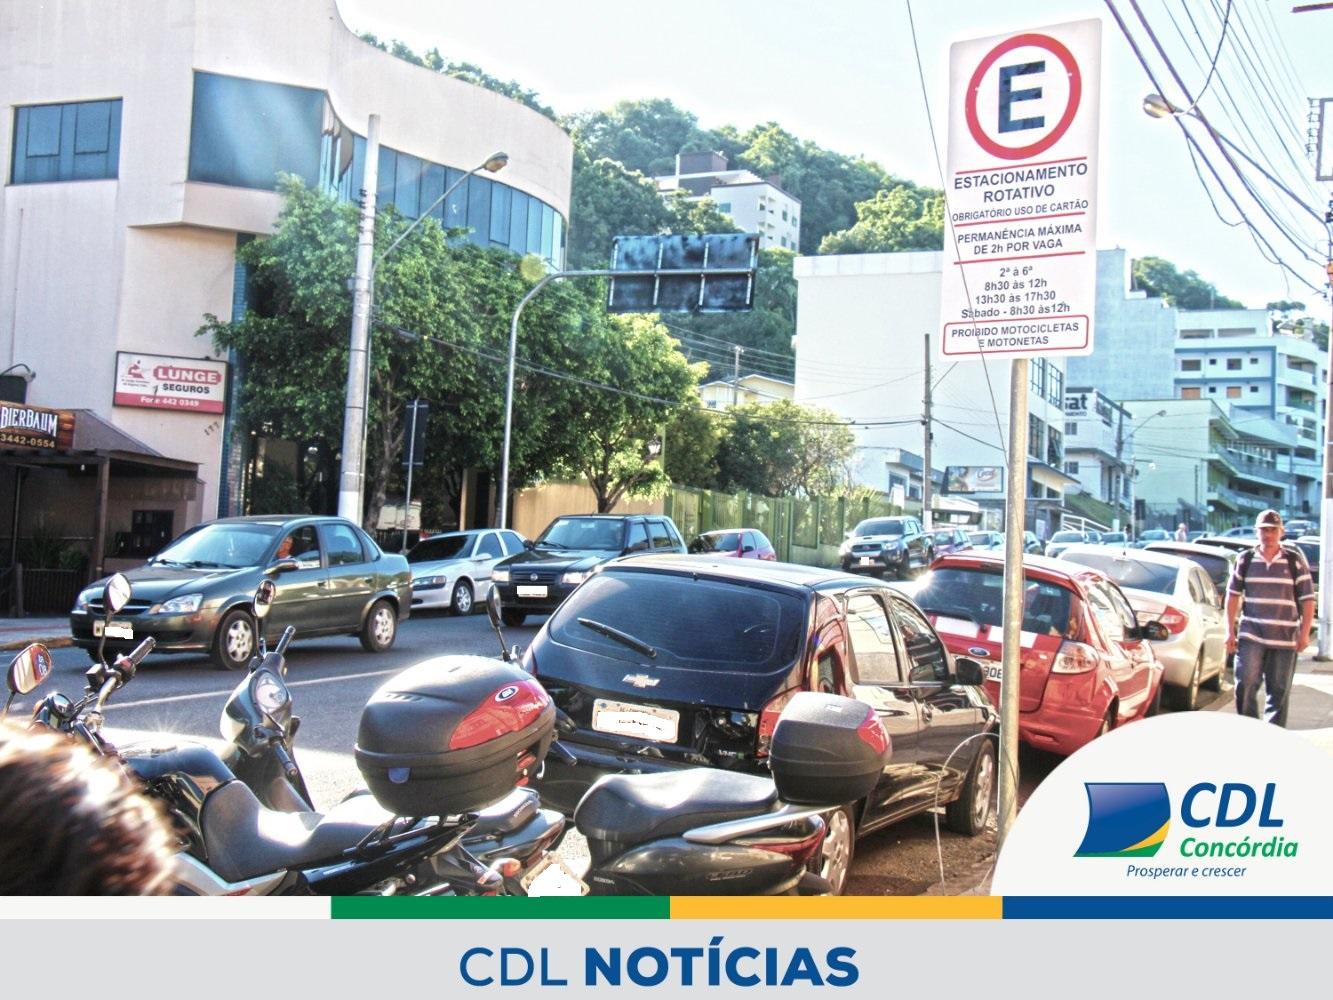 Estacionamento sem rotatividade preocupa CDL Concórdia